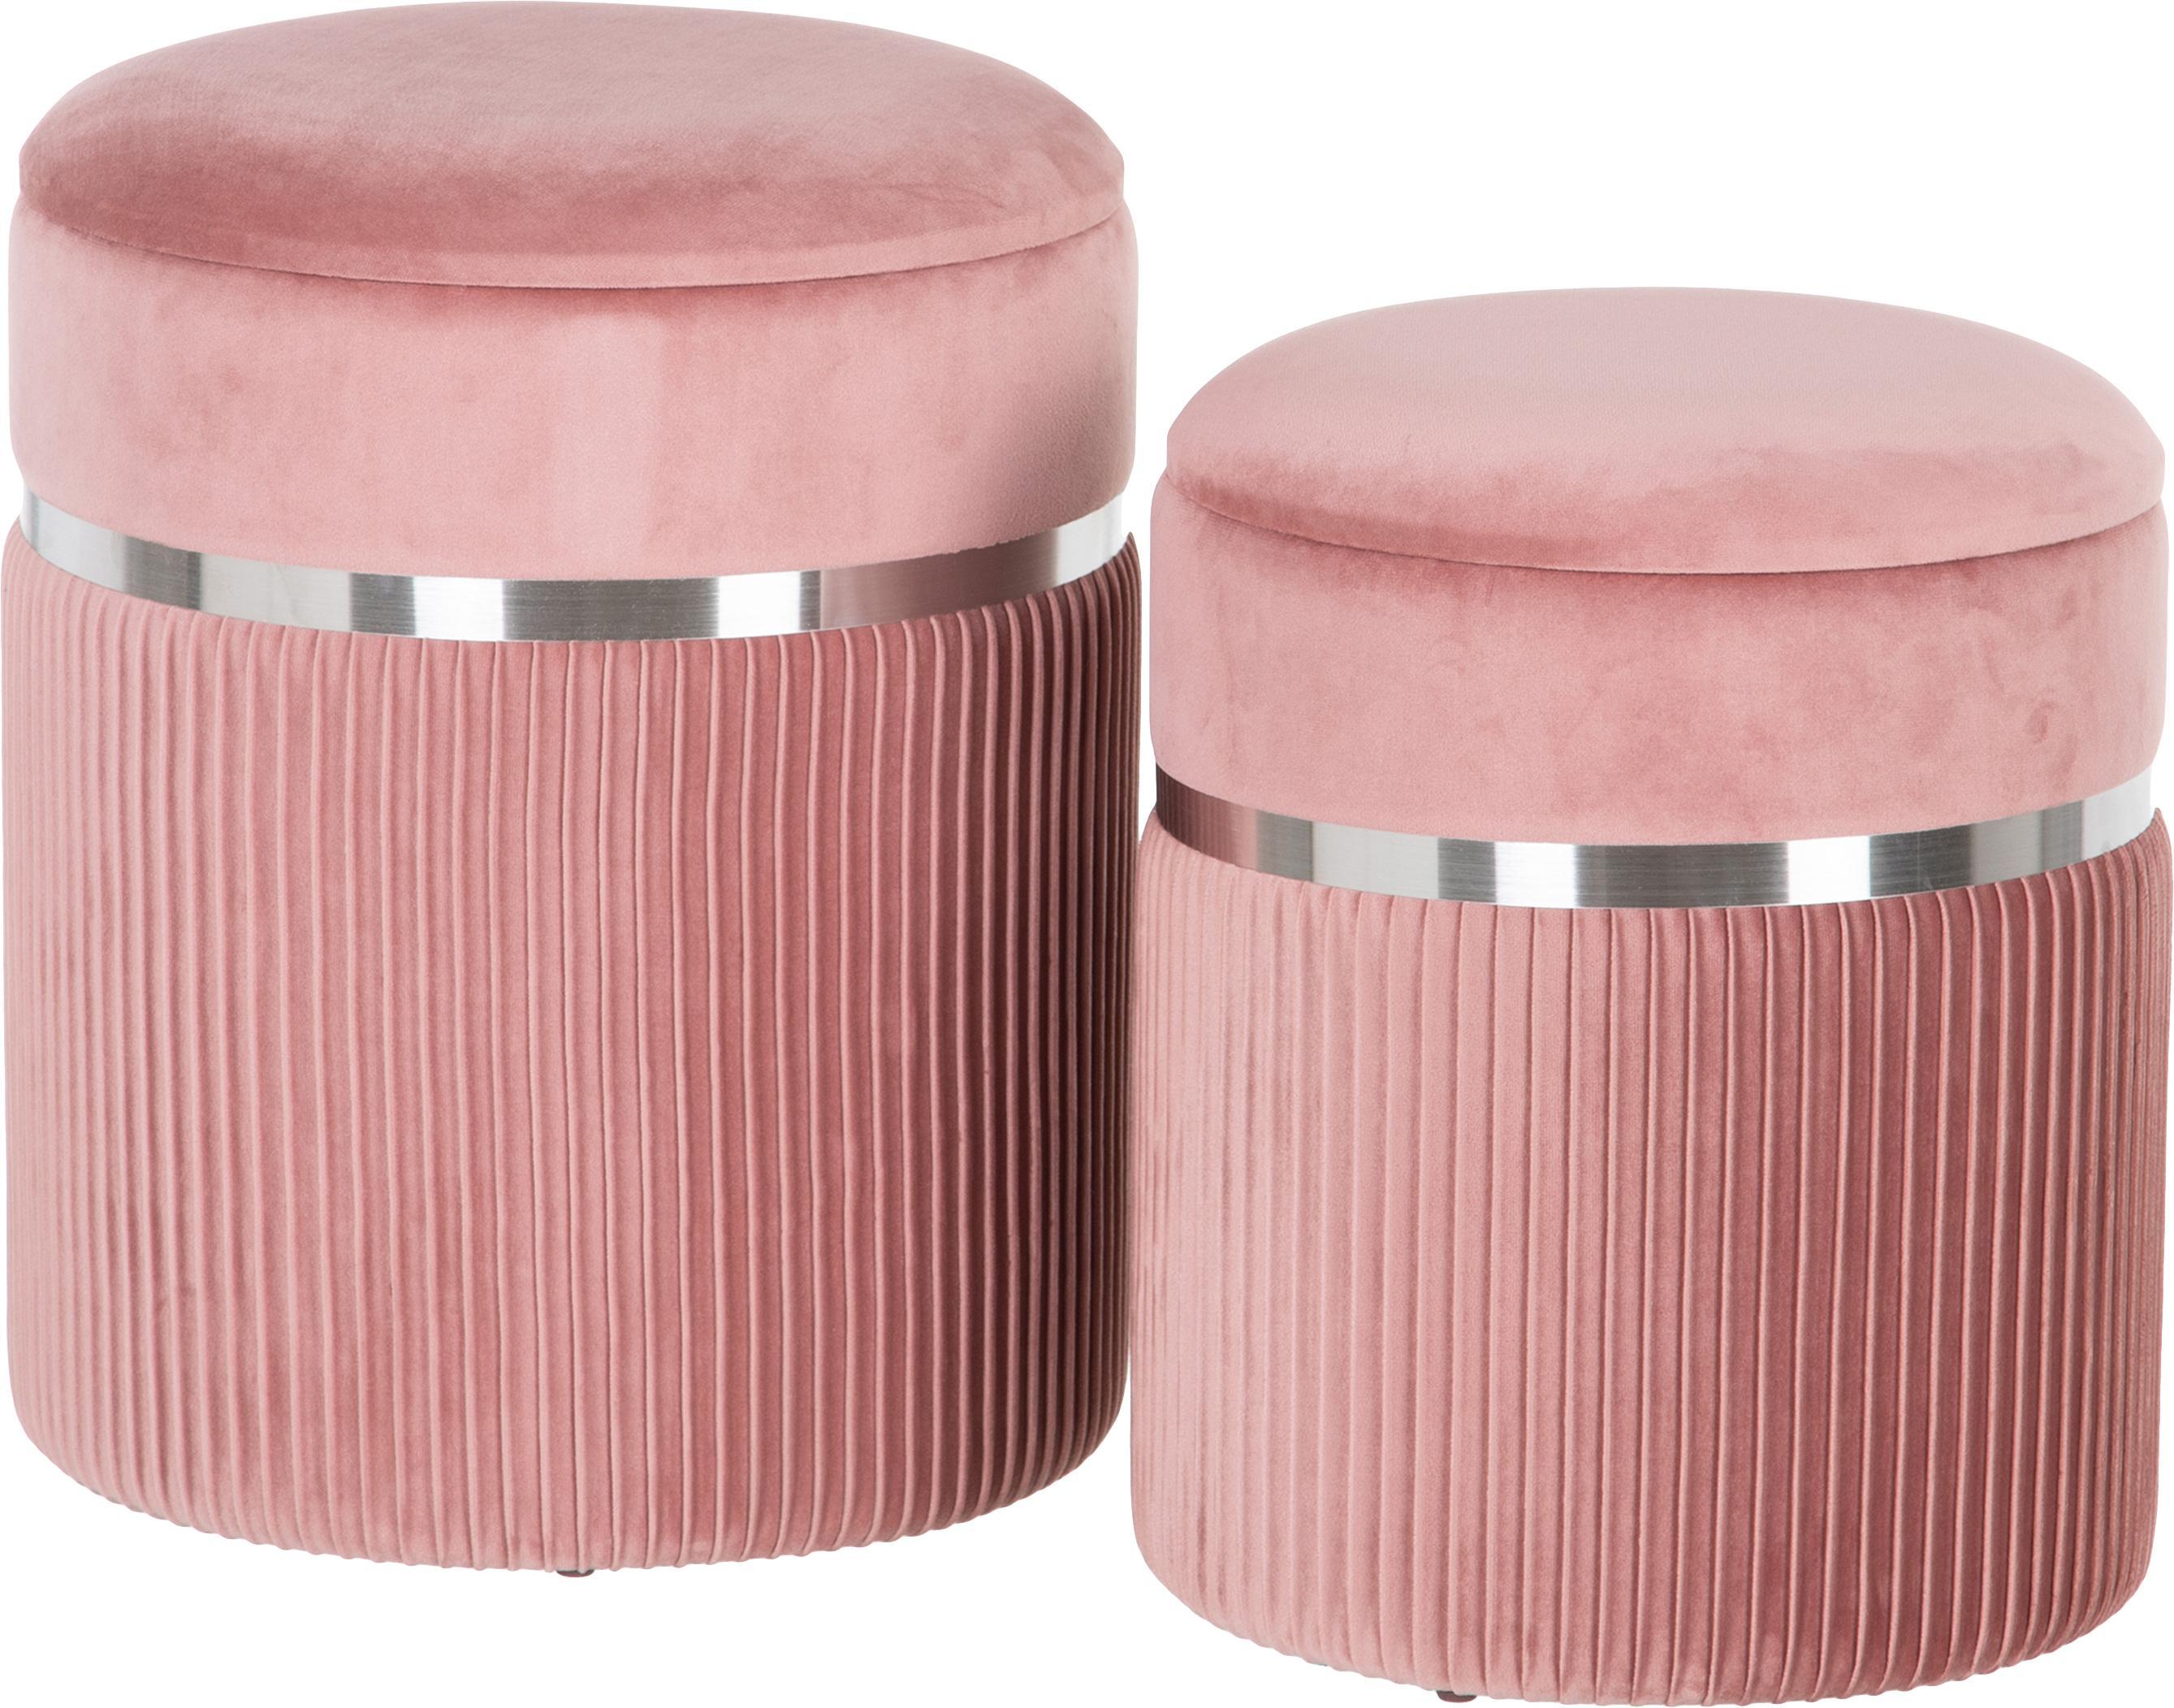 Taburetes de terciopelo Chest, 2pzas., con espacio de almacenamiento, Tapizado: poliéster (terciopelo), Rosa, plateado, Set de diferentes tamaños